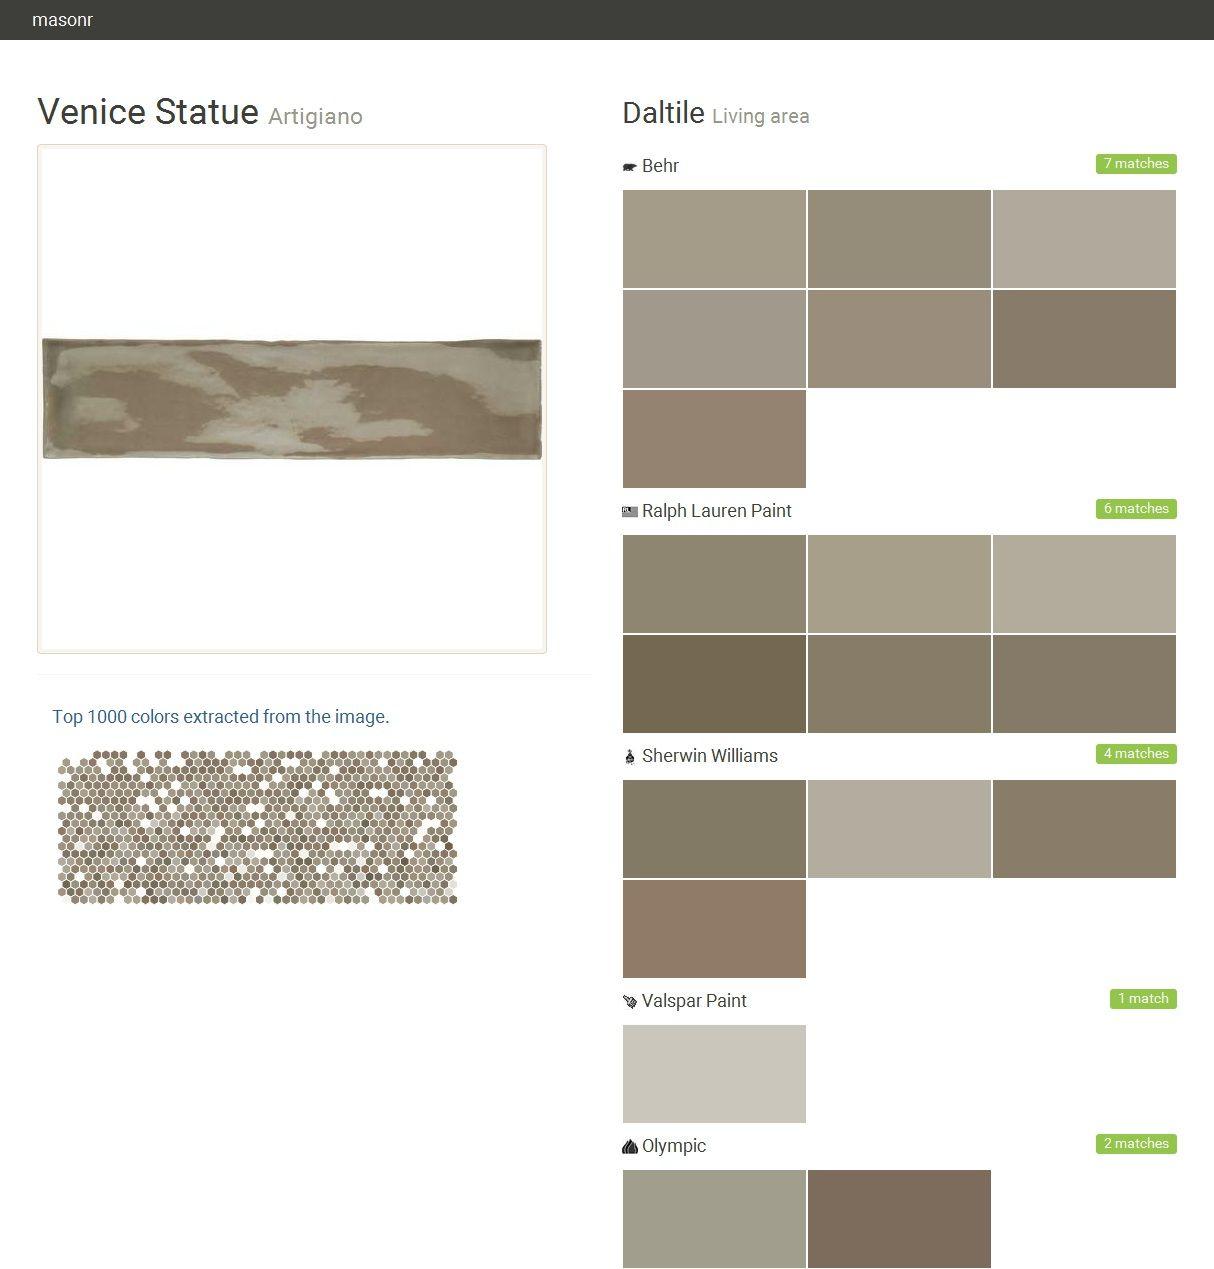 Ich Habe Diese Farben Mit Colorsnap Visualizer Für Iphone: Venice Statue. Artigiano. Living Area. Daltile. Behr